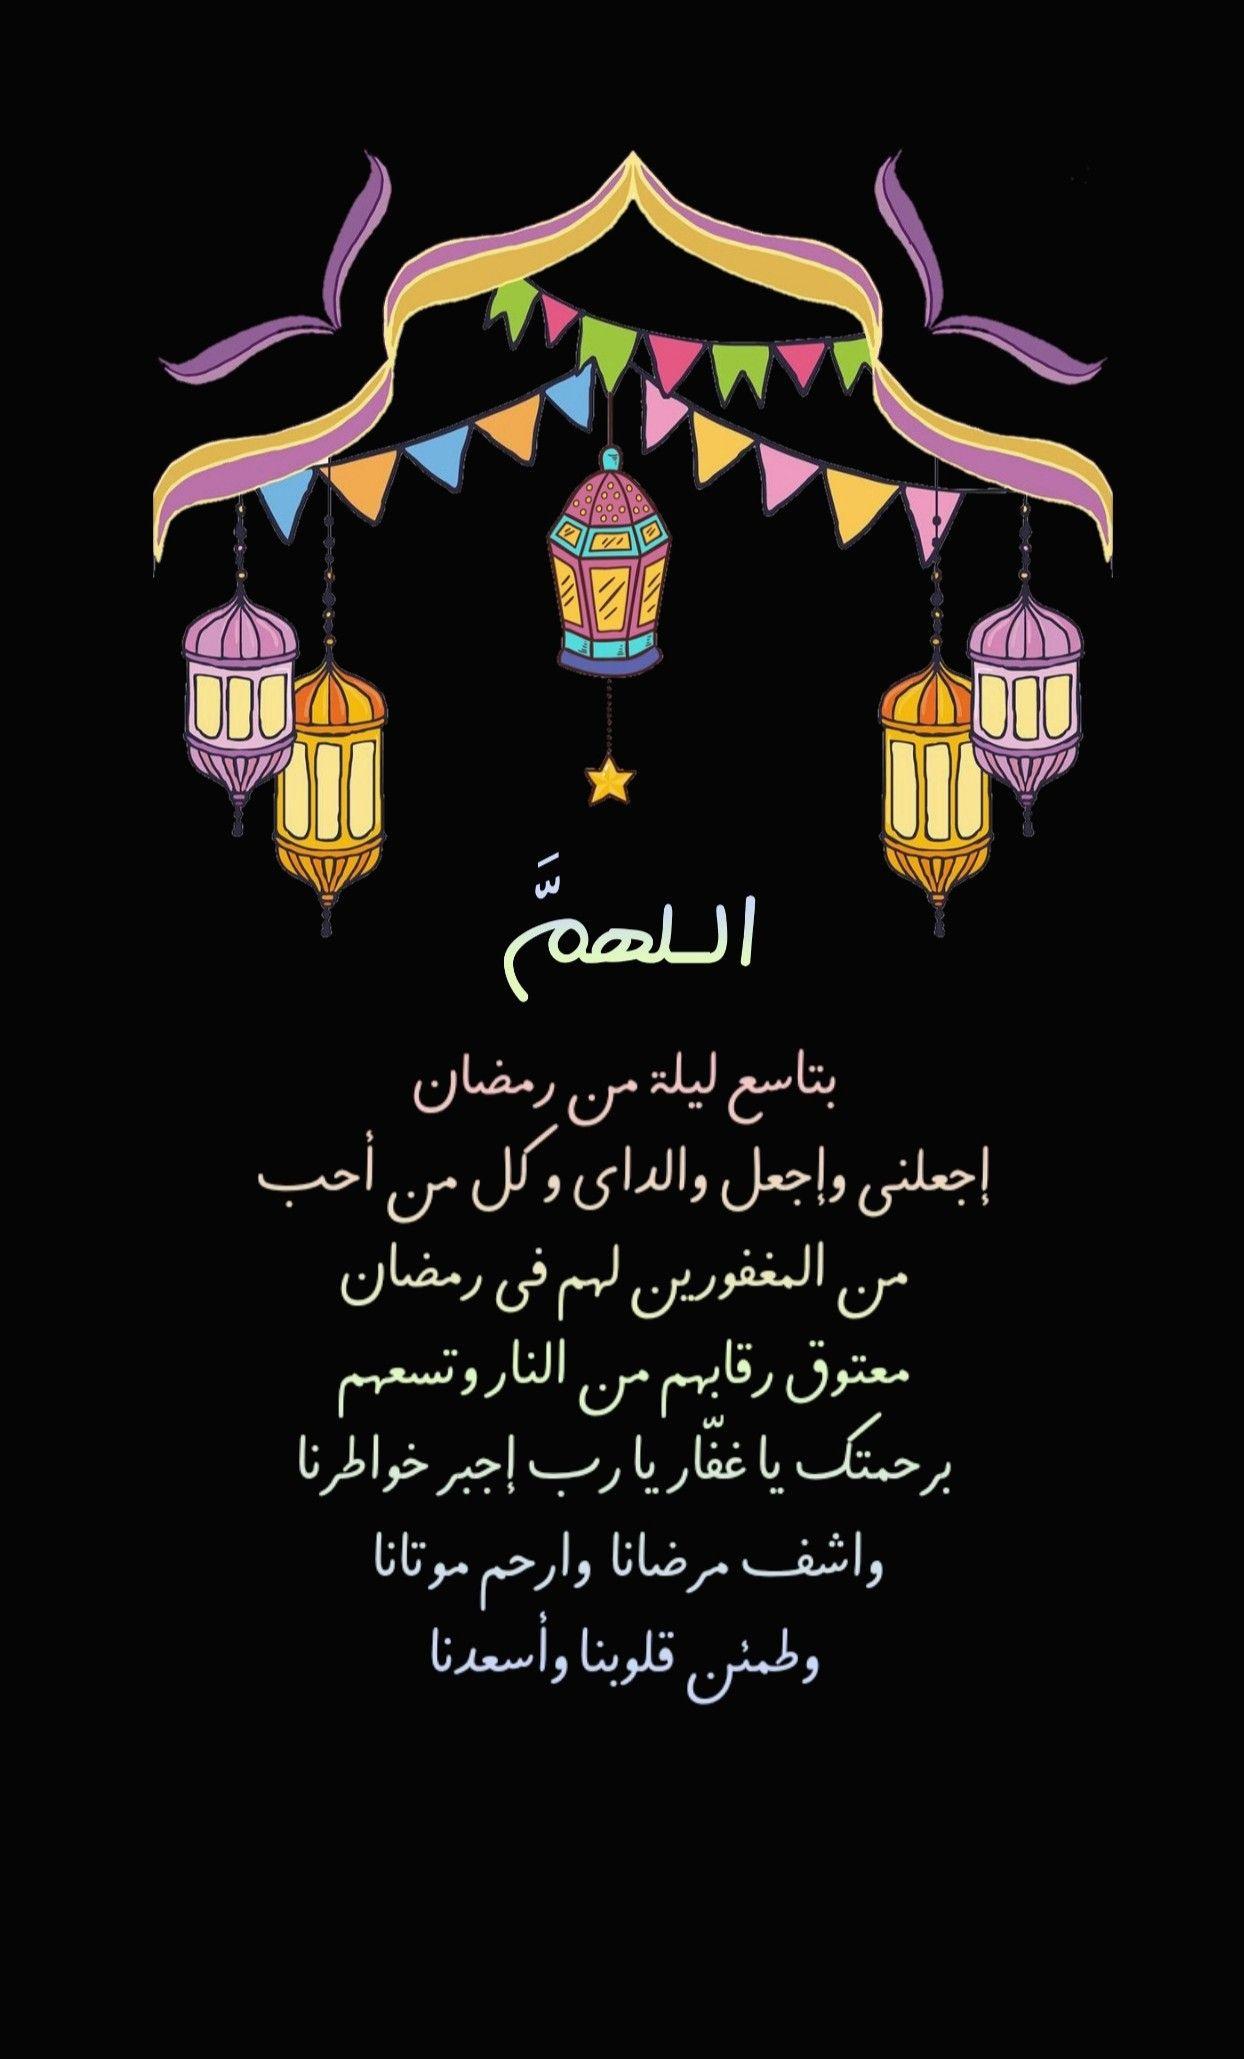 الله م بتاسع ليلة من رمضان إجعلني وإجعل والداي وكل من أحب من المغفورين لهم في رمضان معتوق رقابهم من ال Ramadan Greetings Sunday Morning Quotes Ramadan